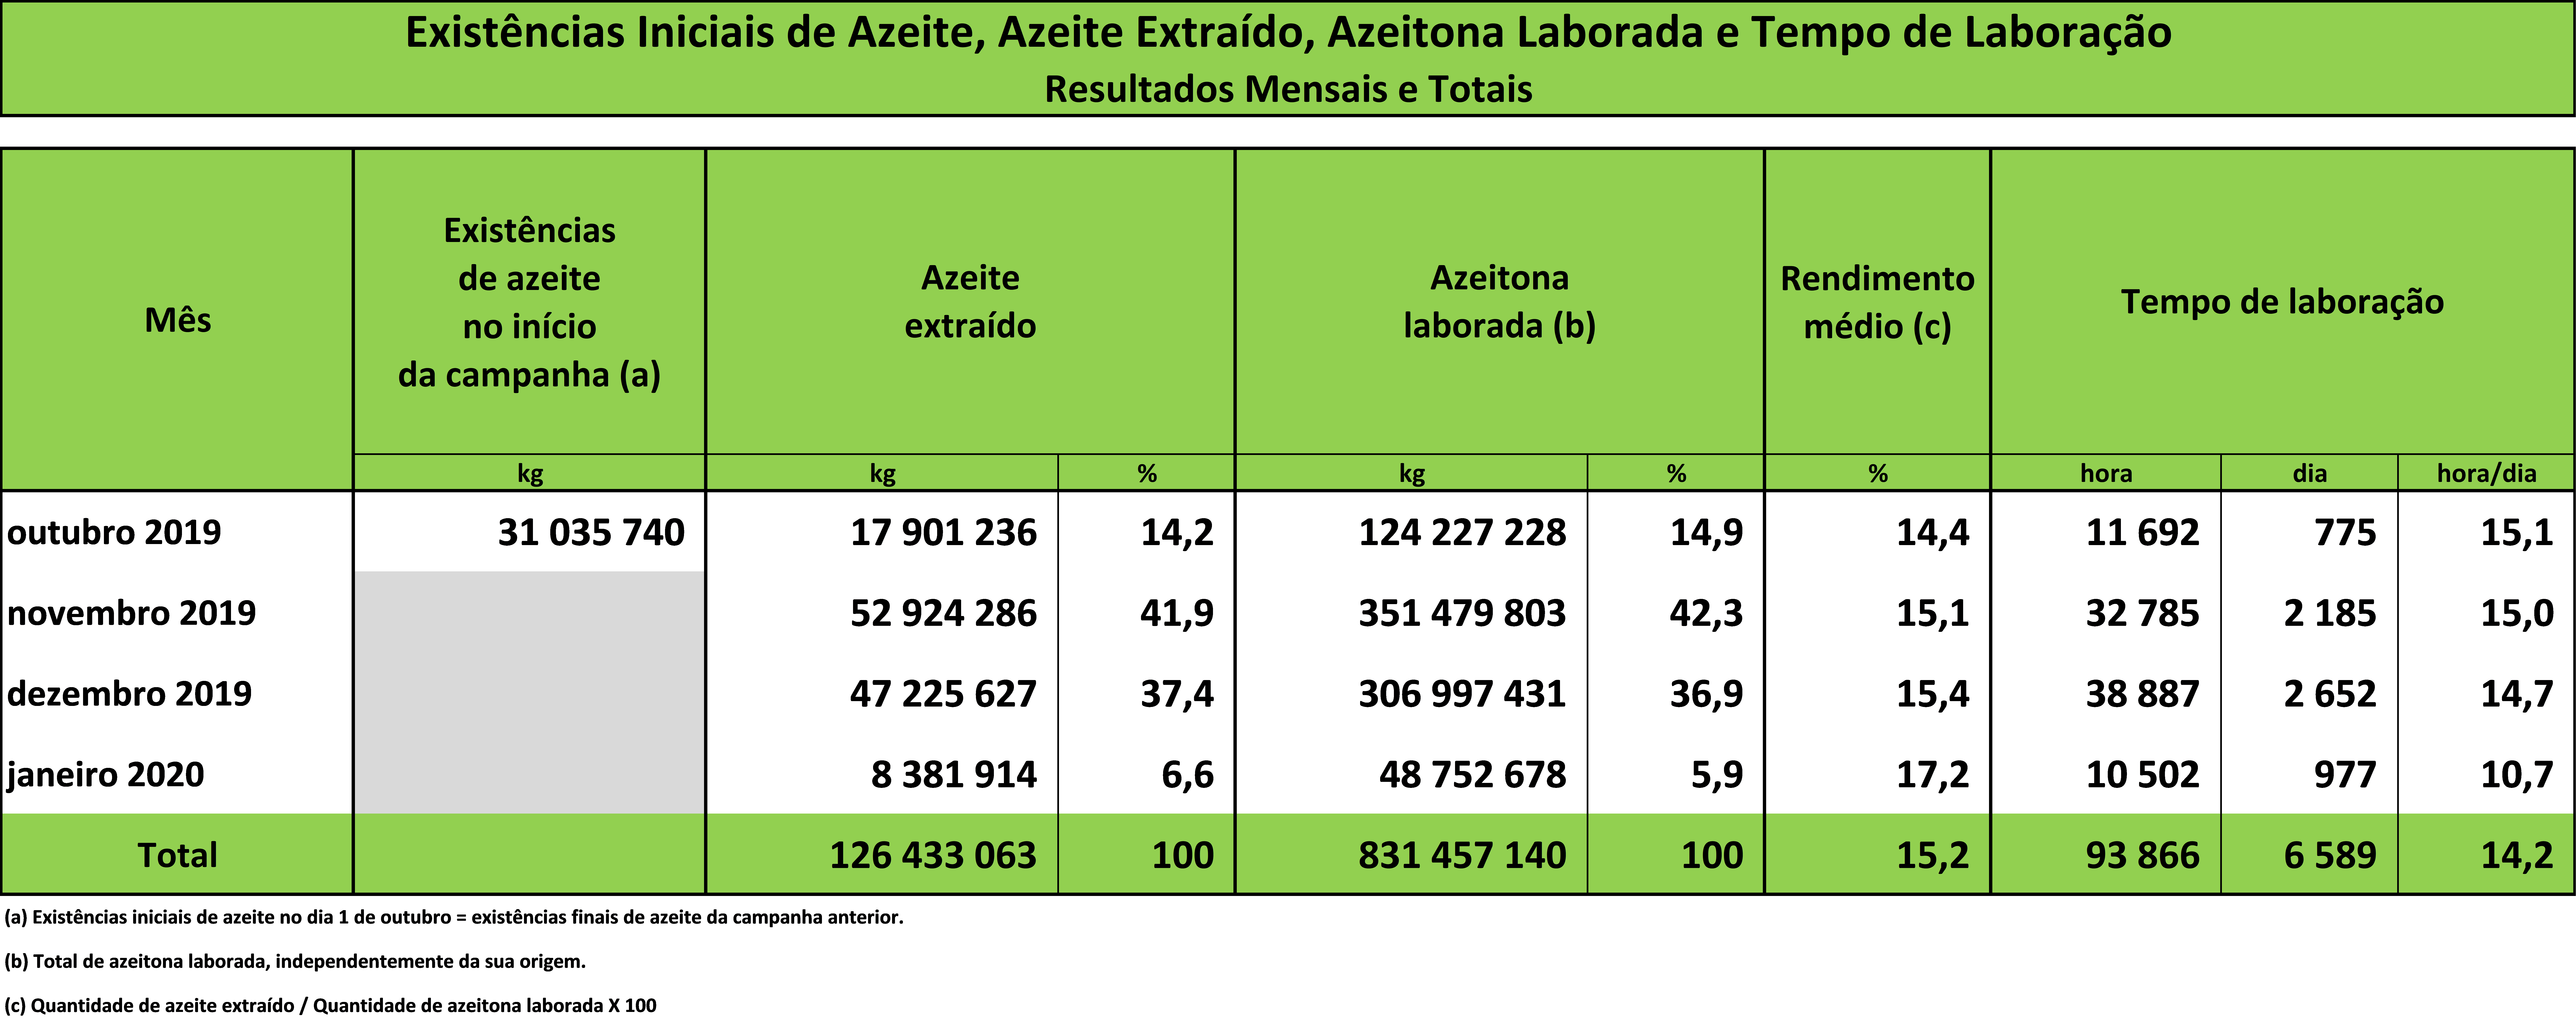 tabela Existências Iniciais de Azeite, Azeite Extraído, Azeitona Laborada e Tempo de Laboração